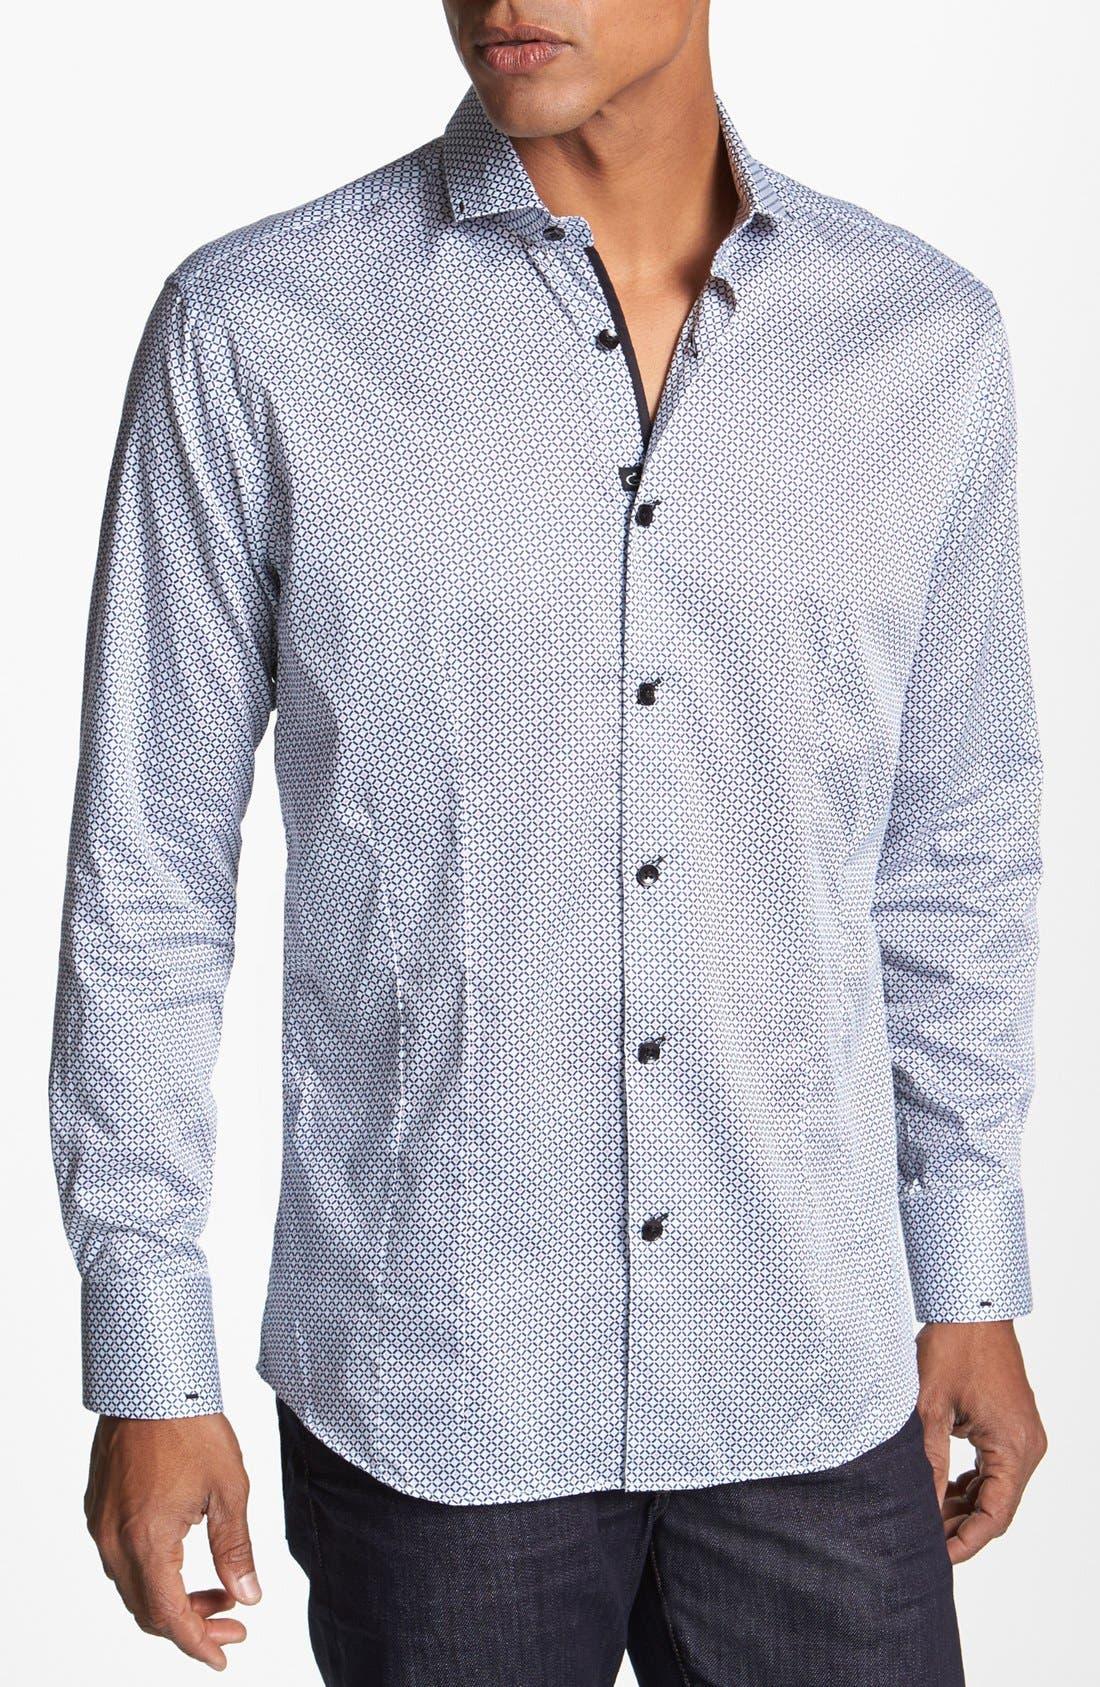 Alternate Image 1 Selected - Bogosse 'Michael' Trim Fit Sport Shirt